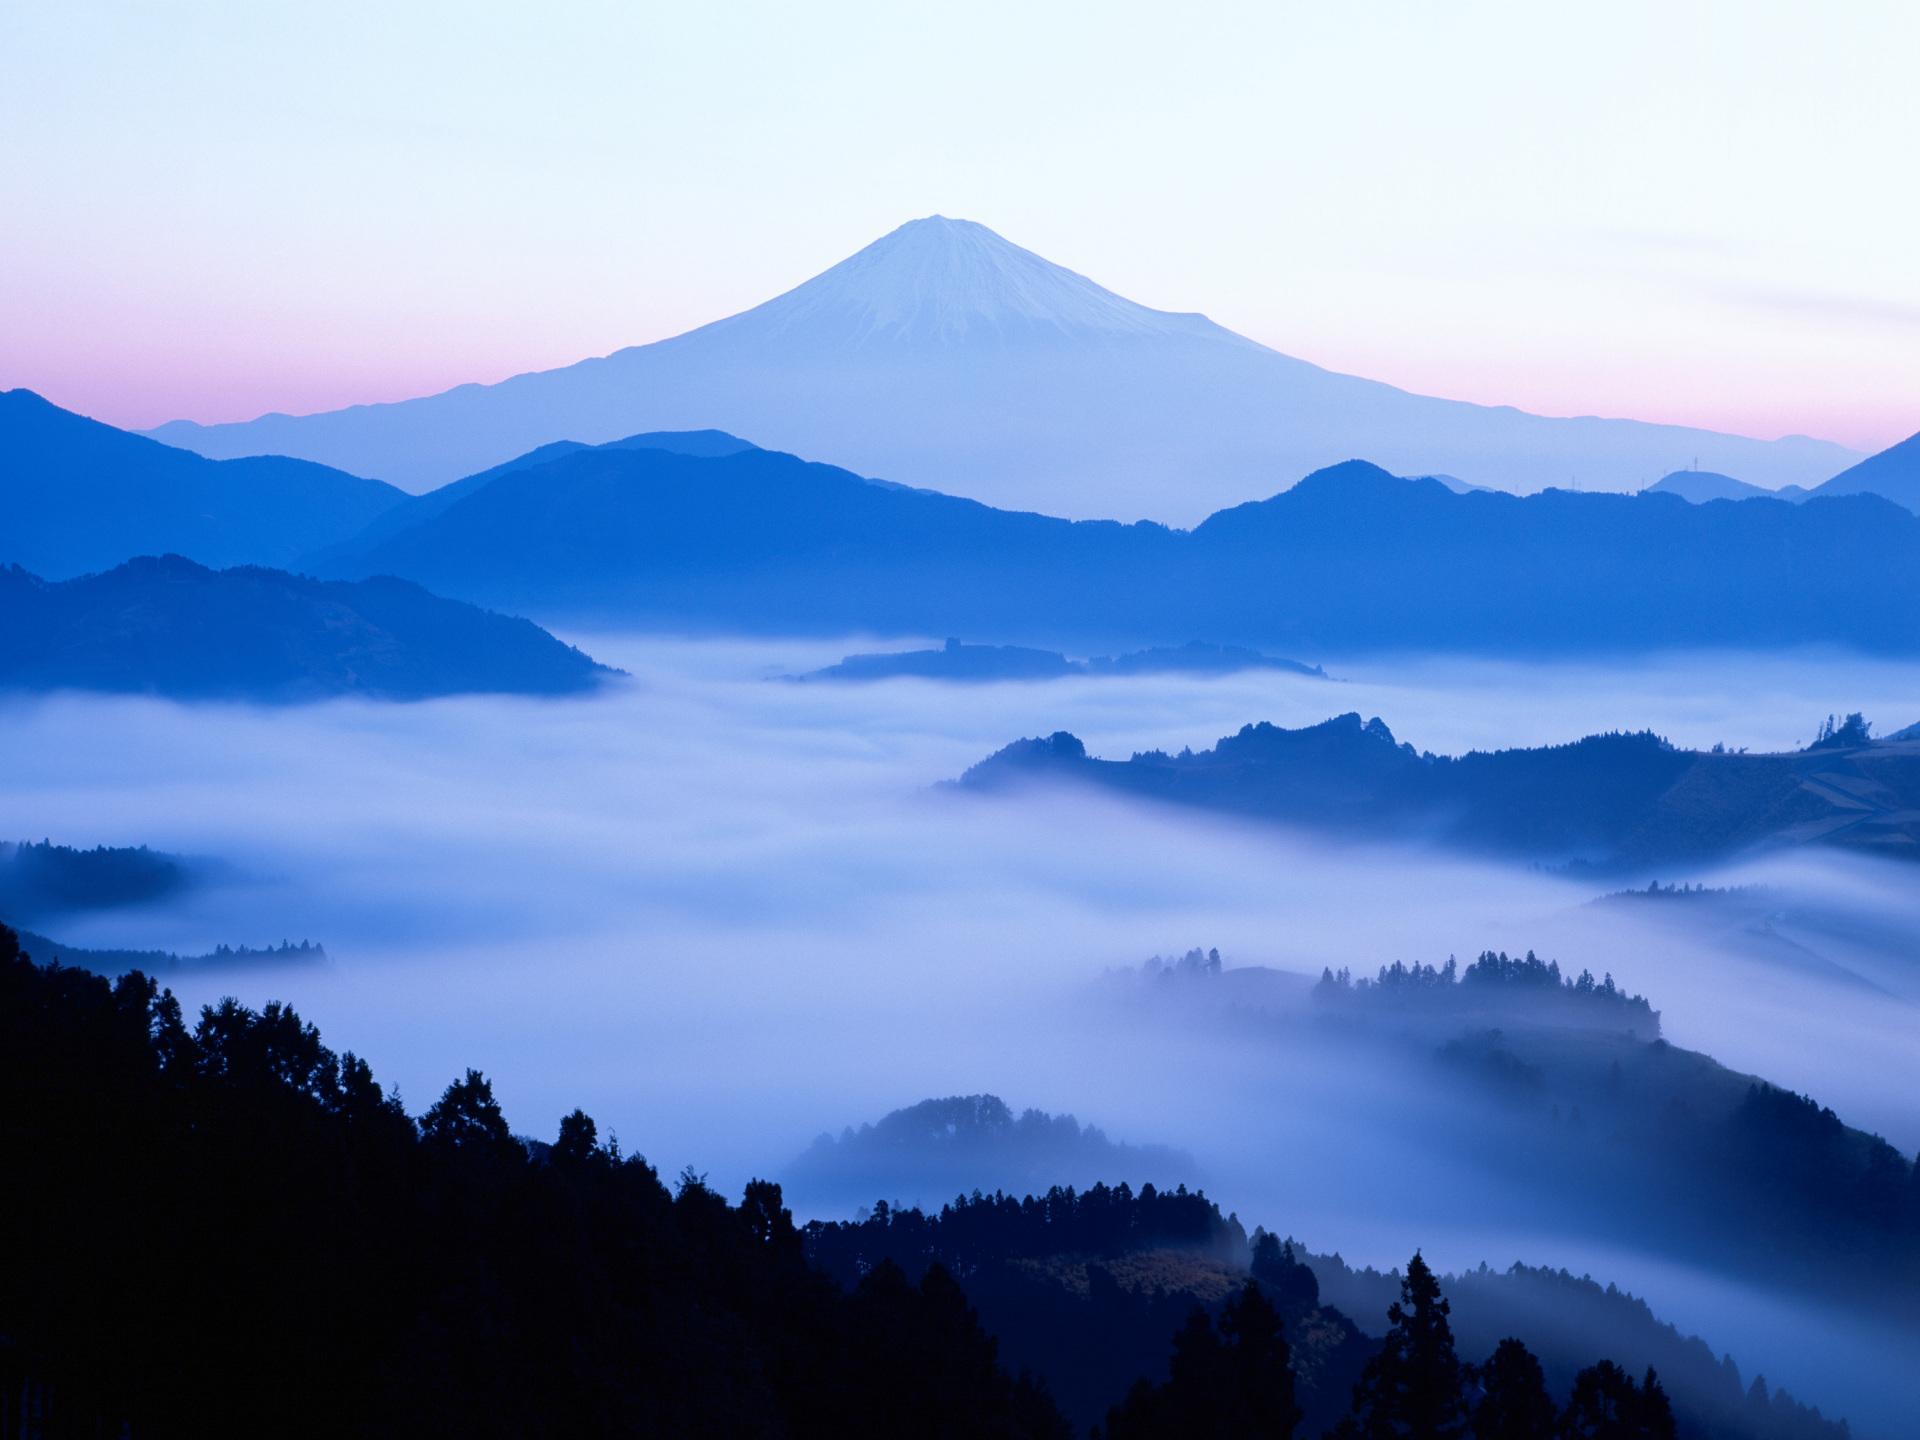 日本一の山【富士山の画像・写真】一覧